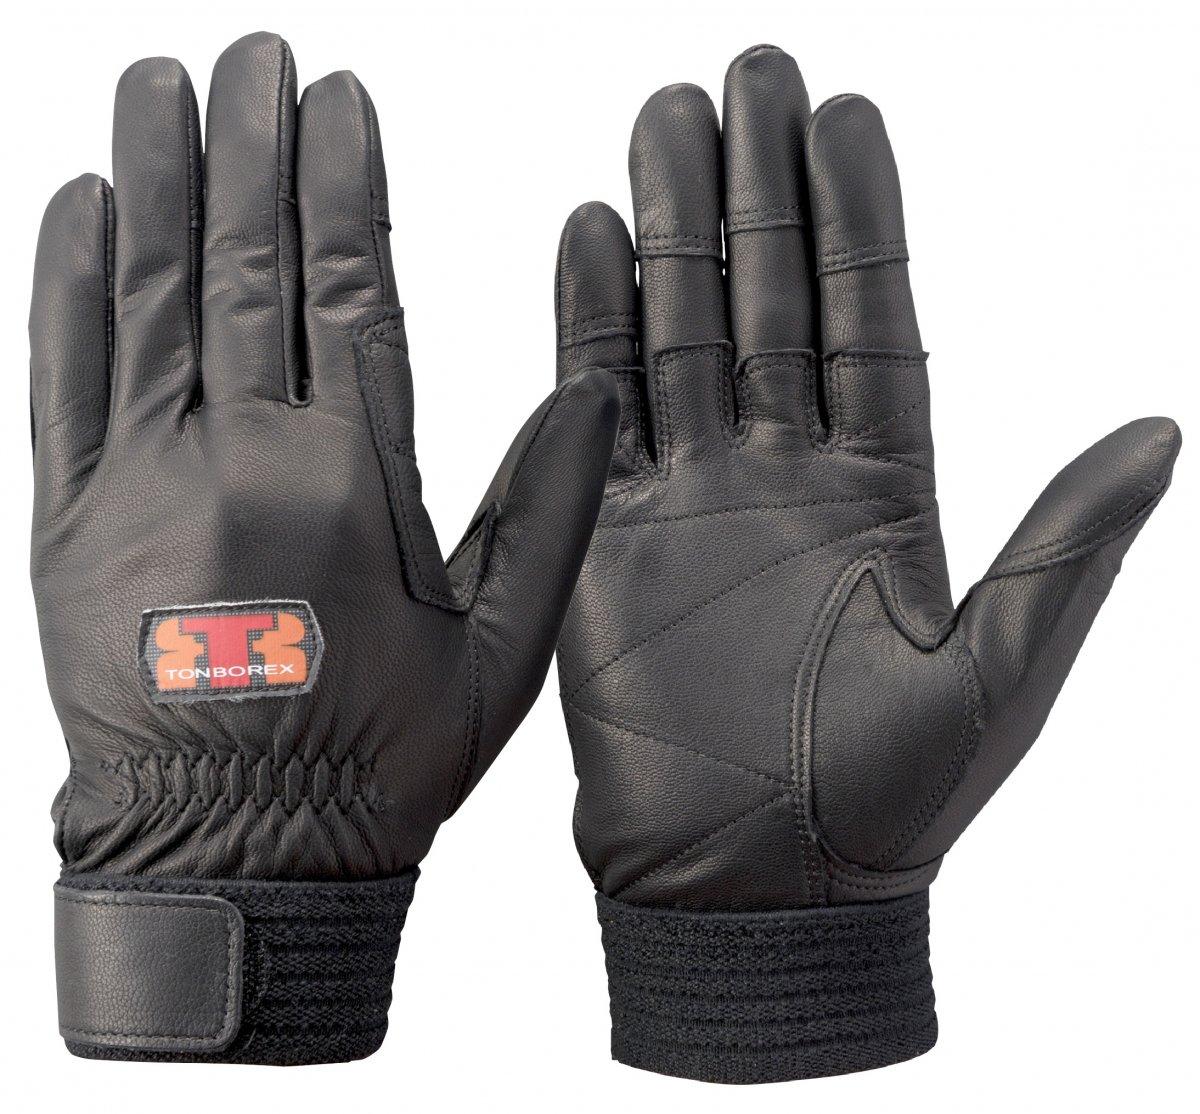 トンボレックス G-REX32BK 山羊革製手袋